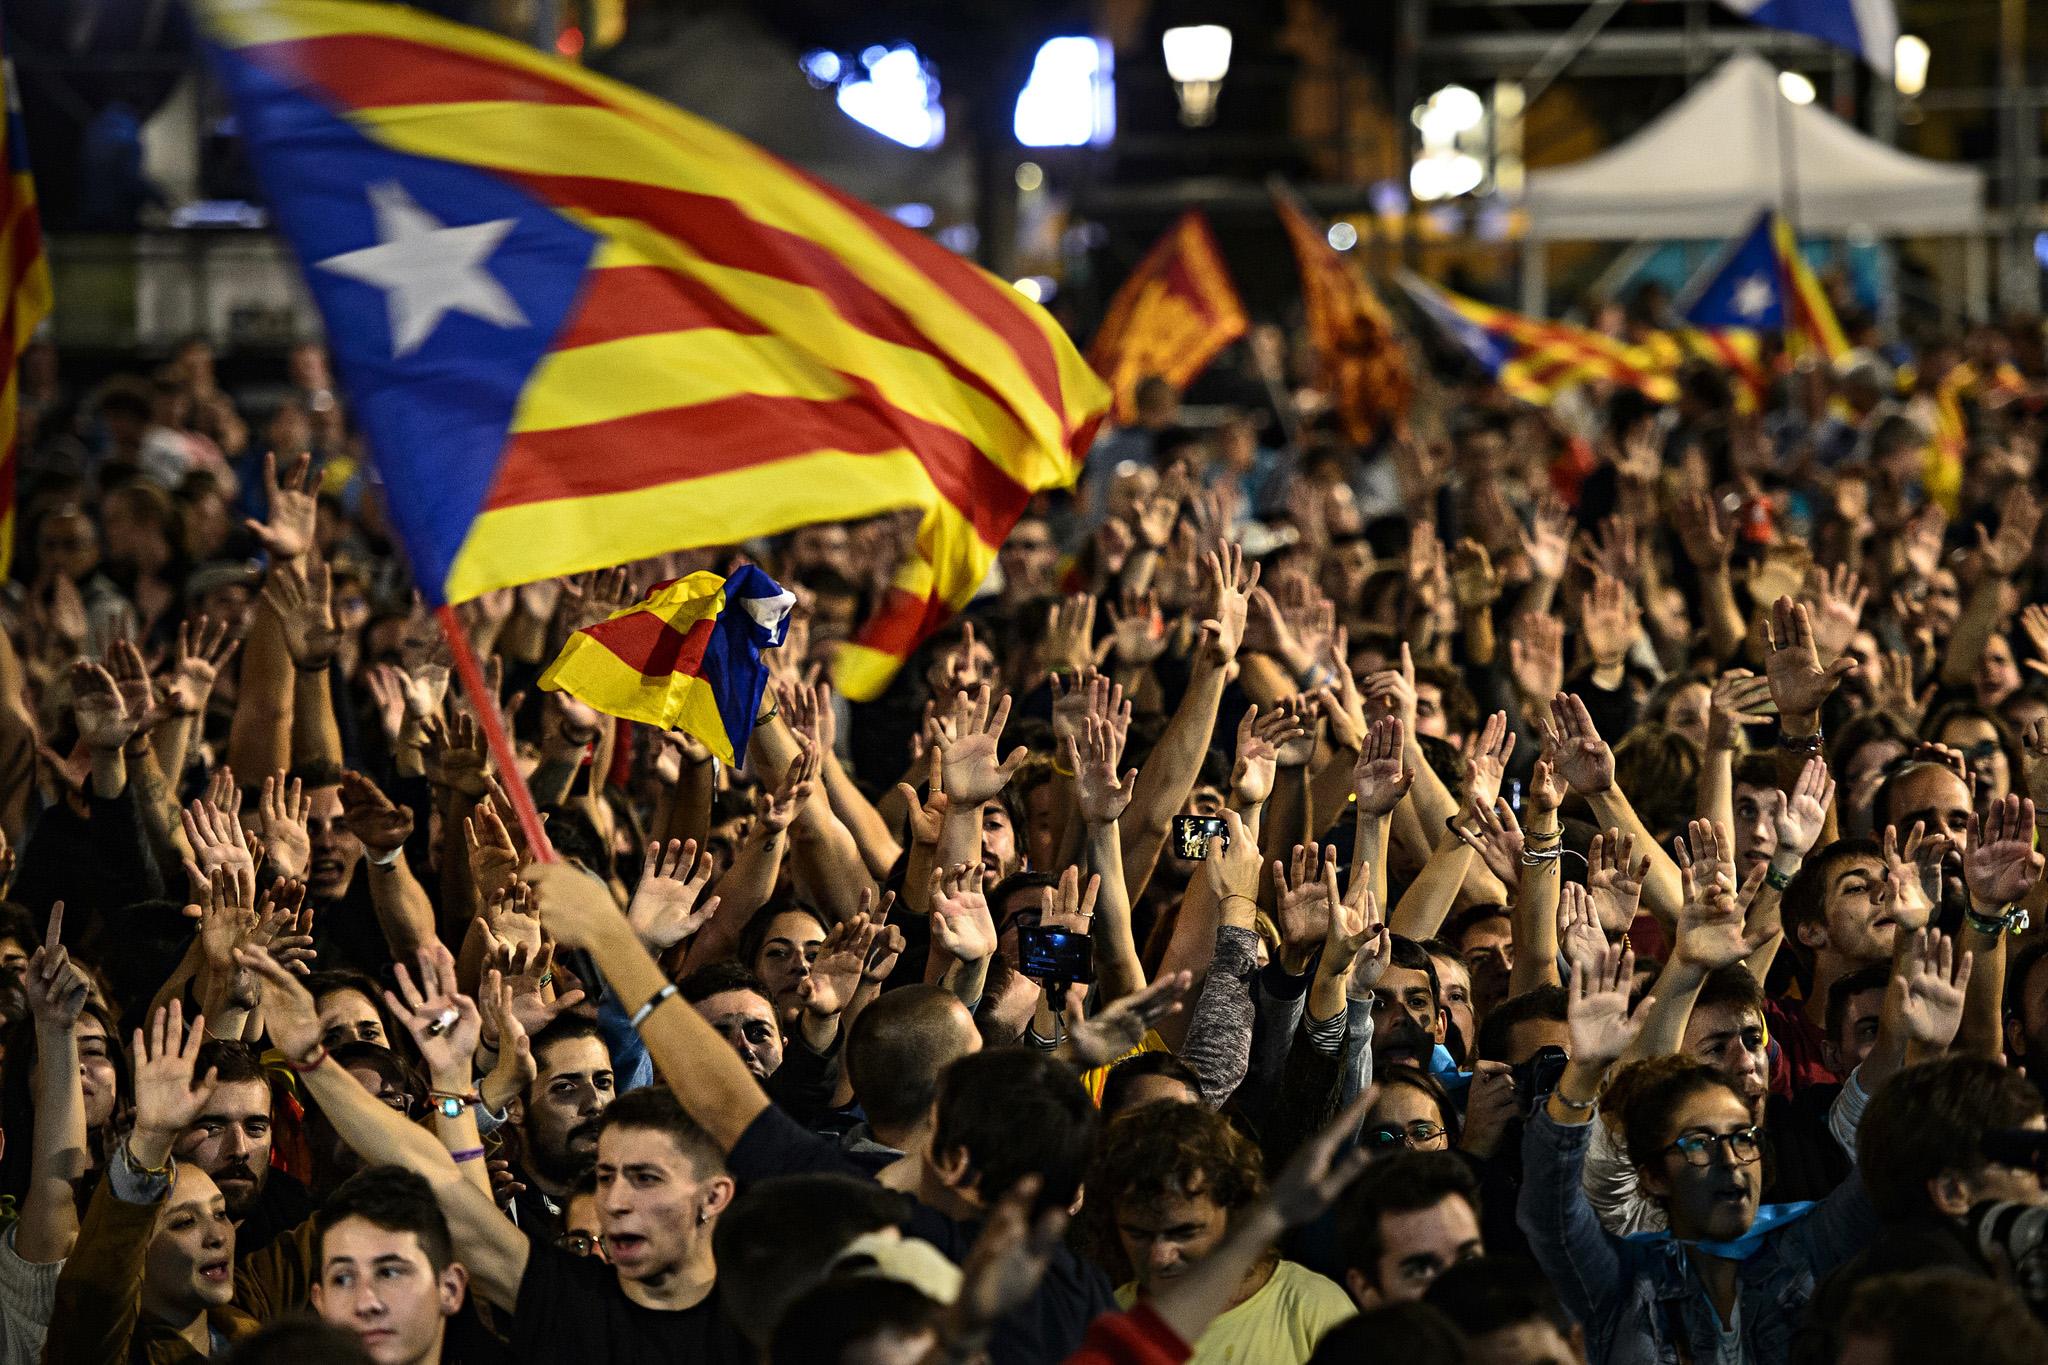 Espainiaren erasoetatik defendatzeko eraginkorrena independentzia aldarrikatzea dela uste dute askok mugimendu independentistan.